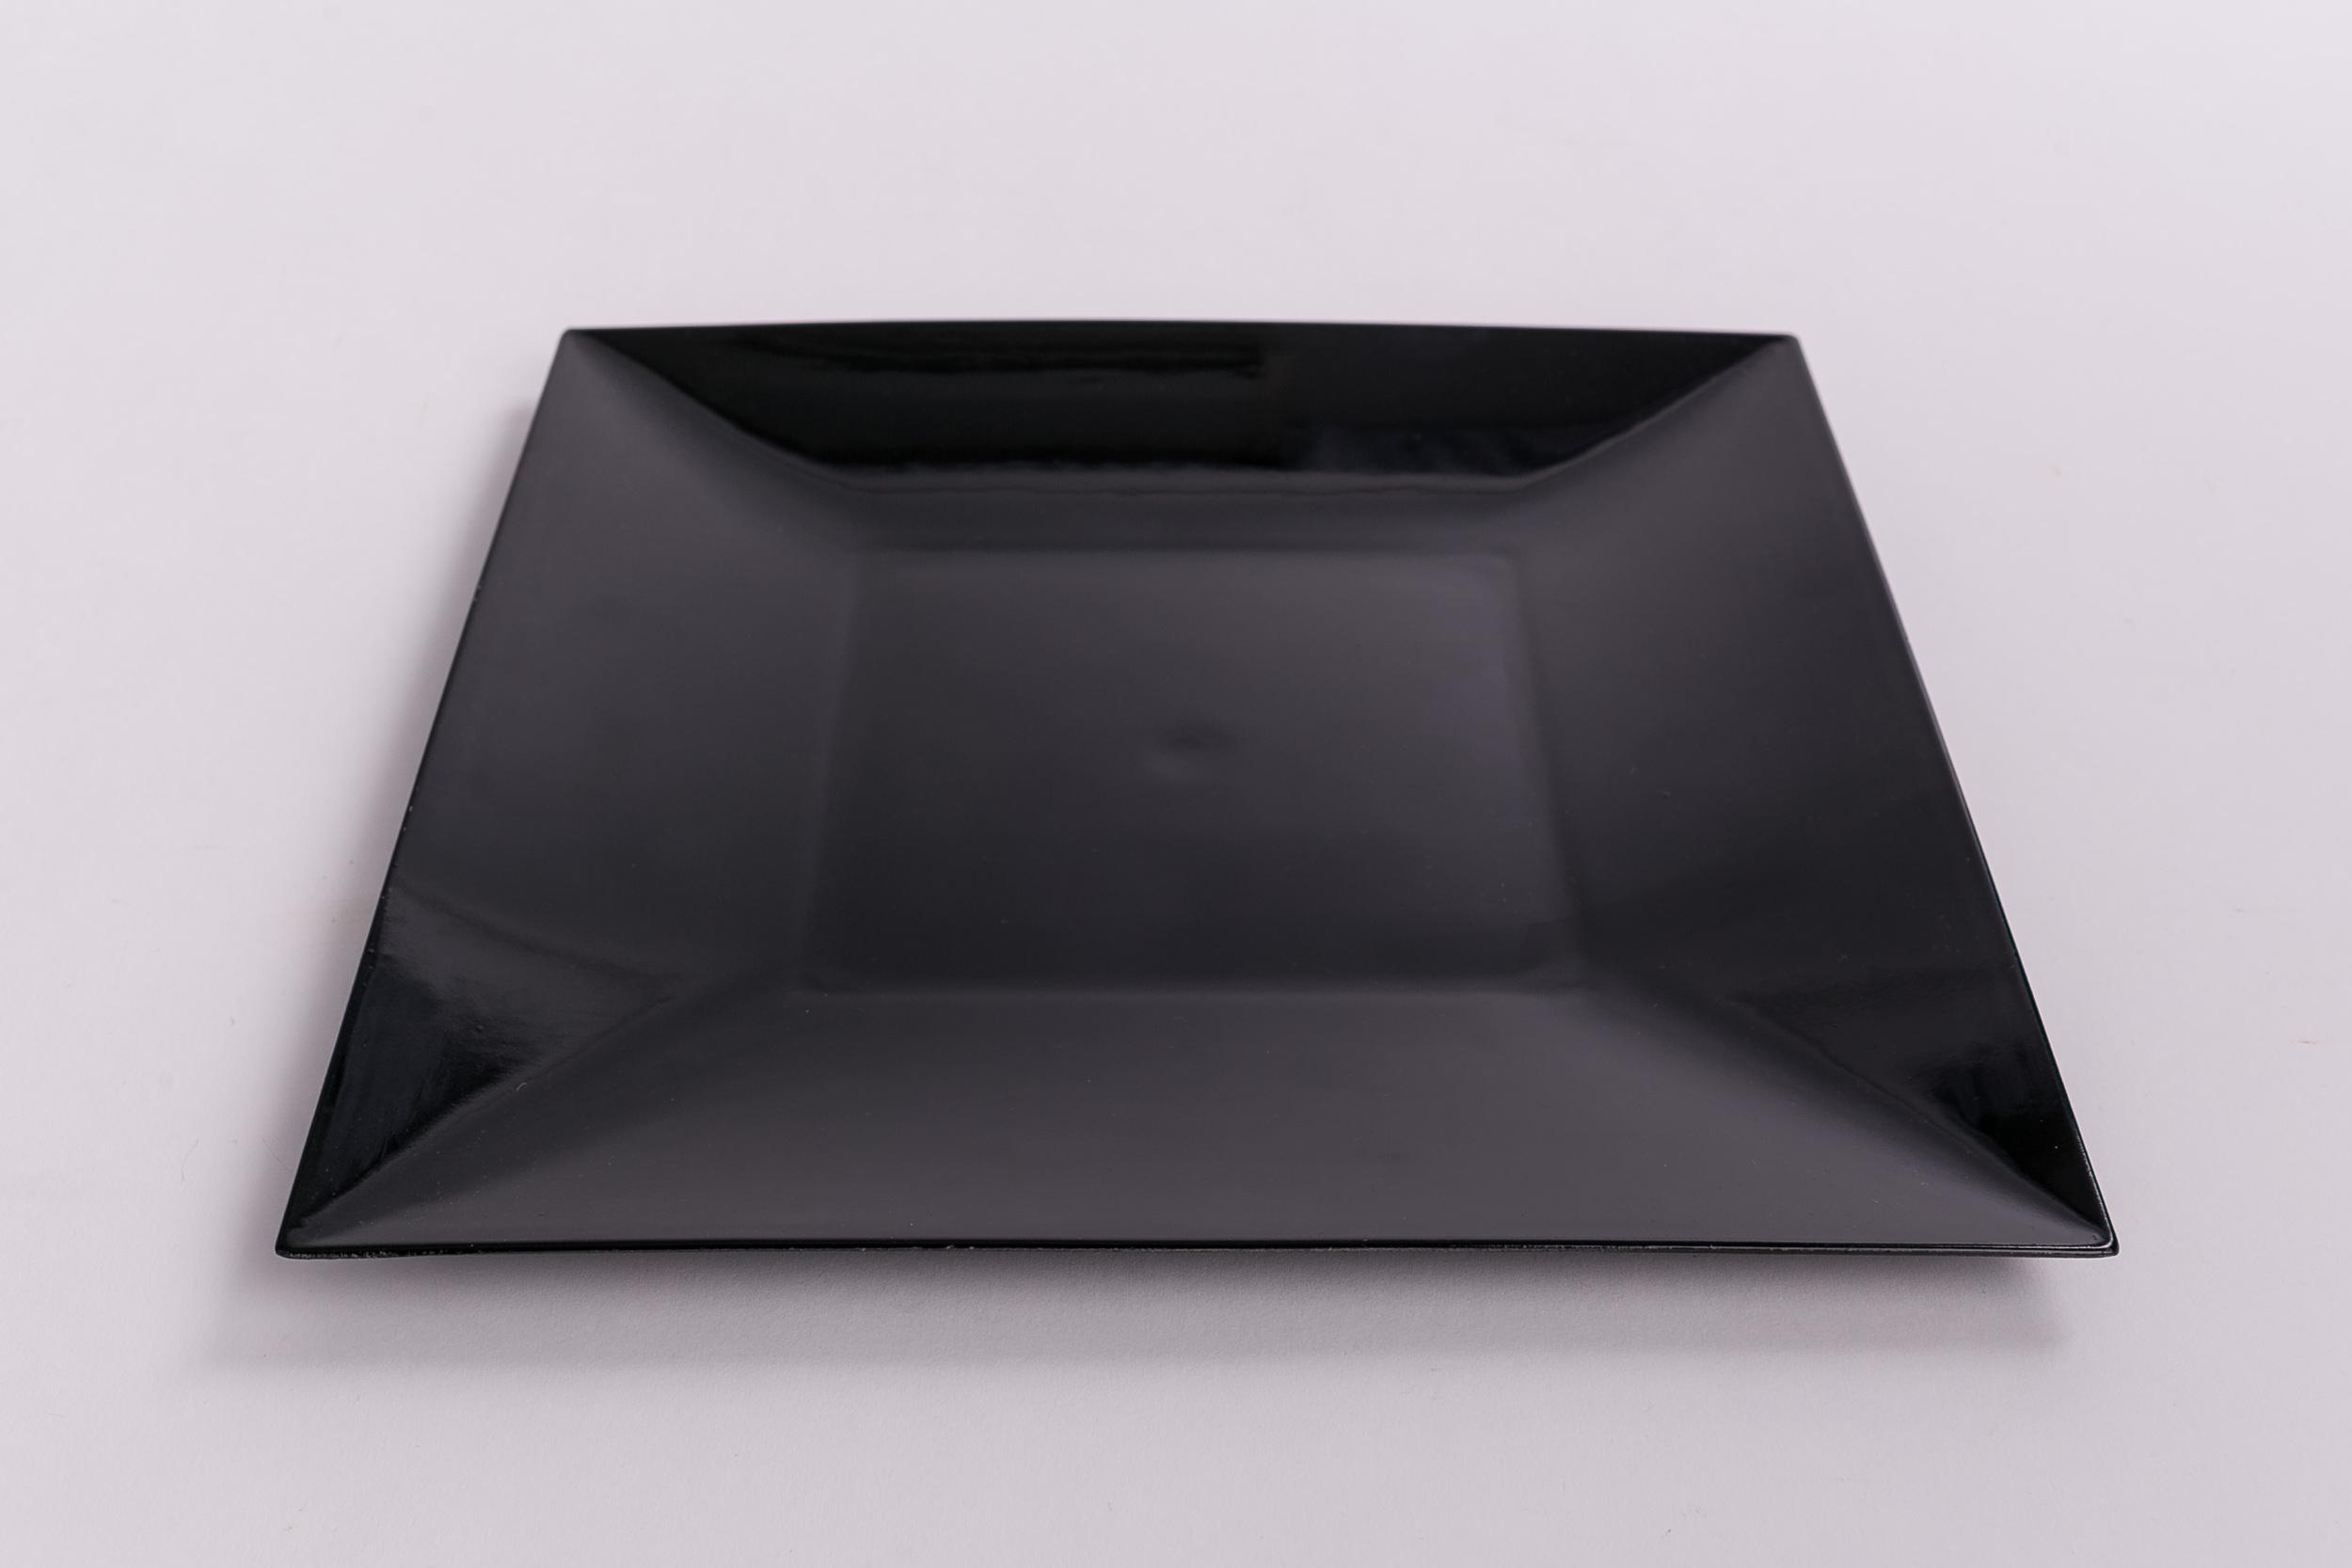 Square Classic Design - Black